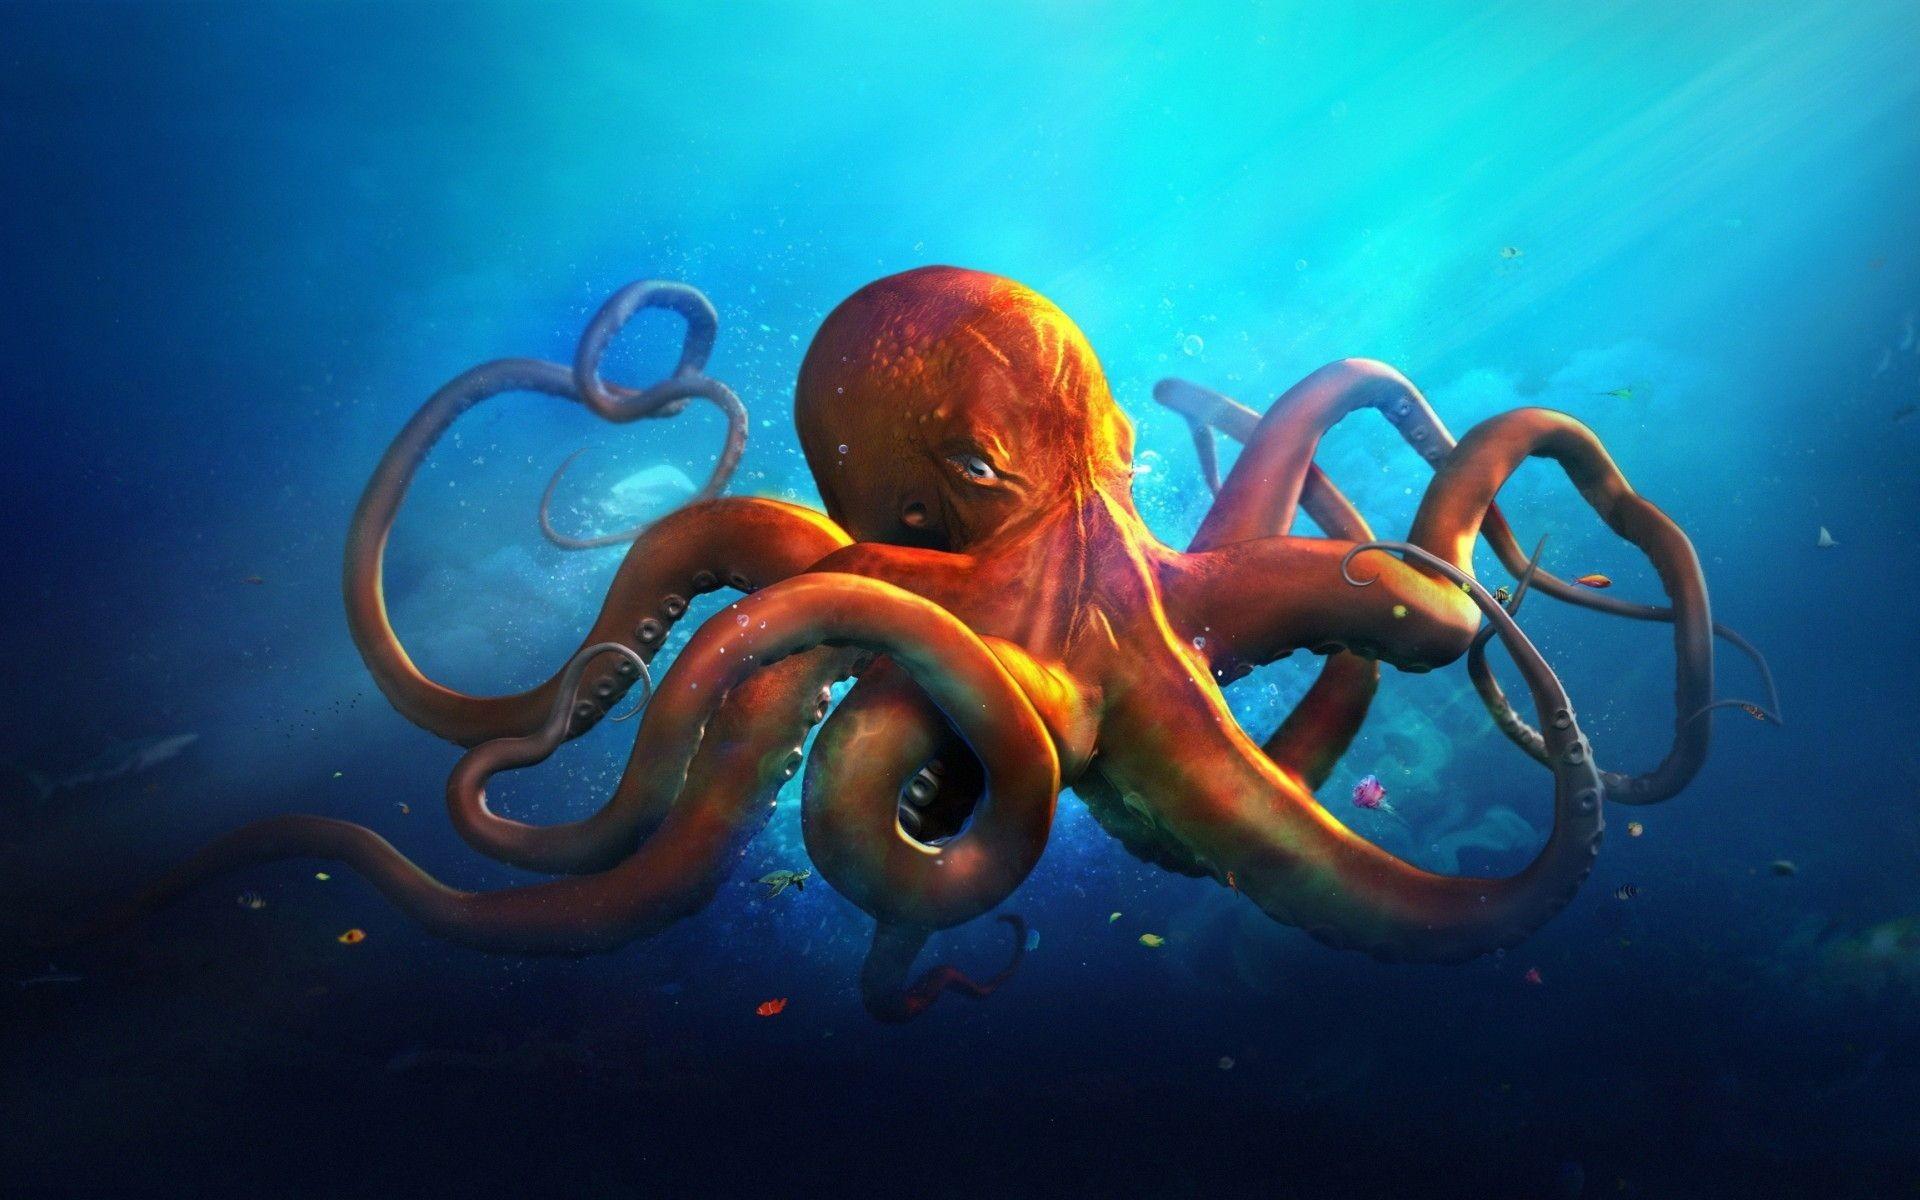 Octopus Desktop Wallpaper